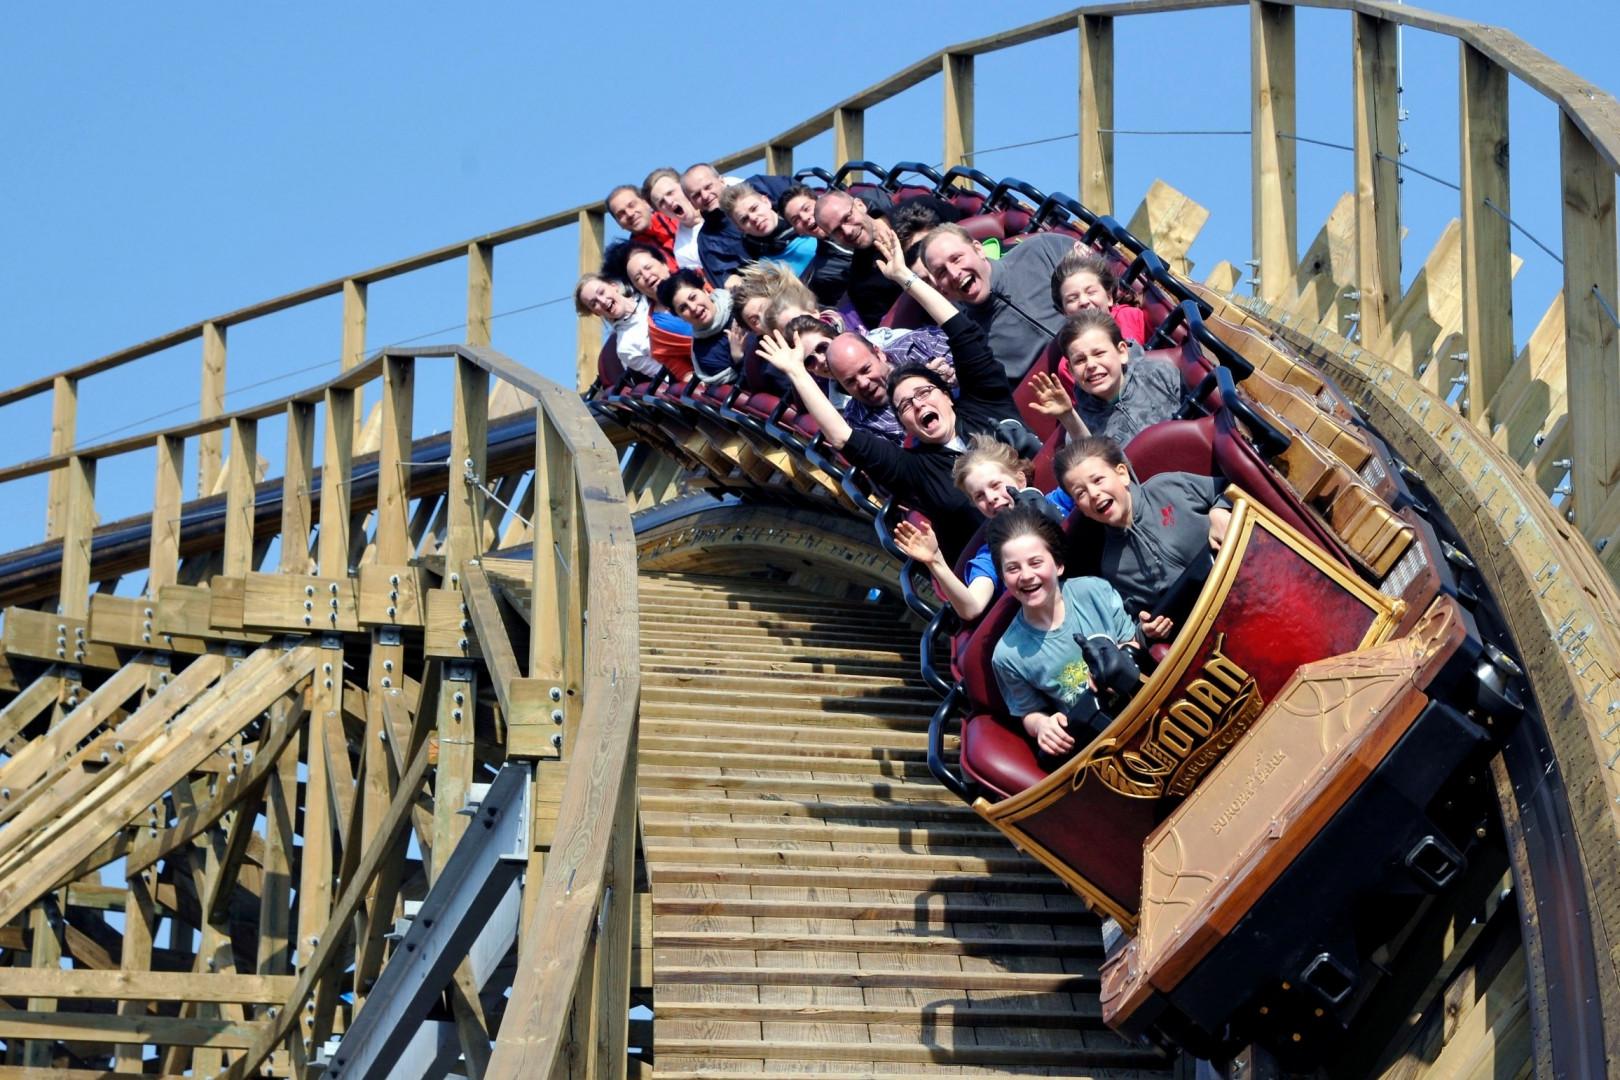 Le Wodan - Timburcoaster, en bois, monte atteint les 100 km/h